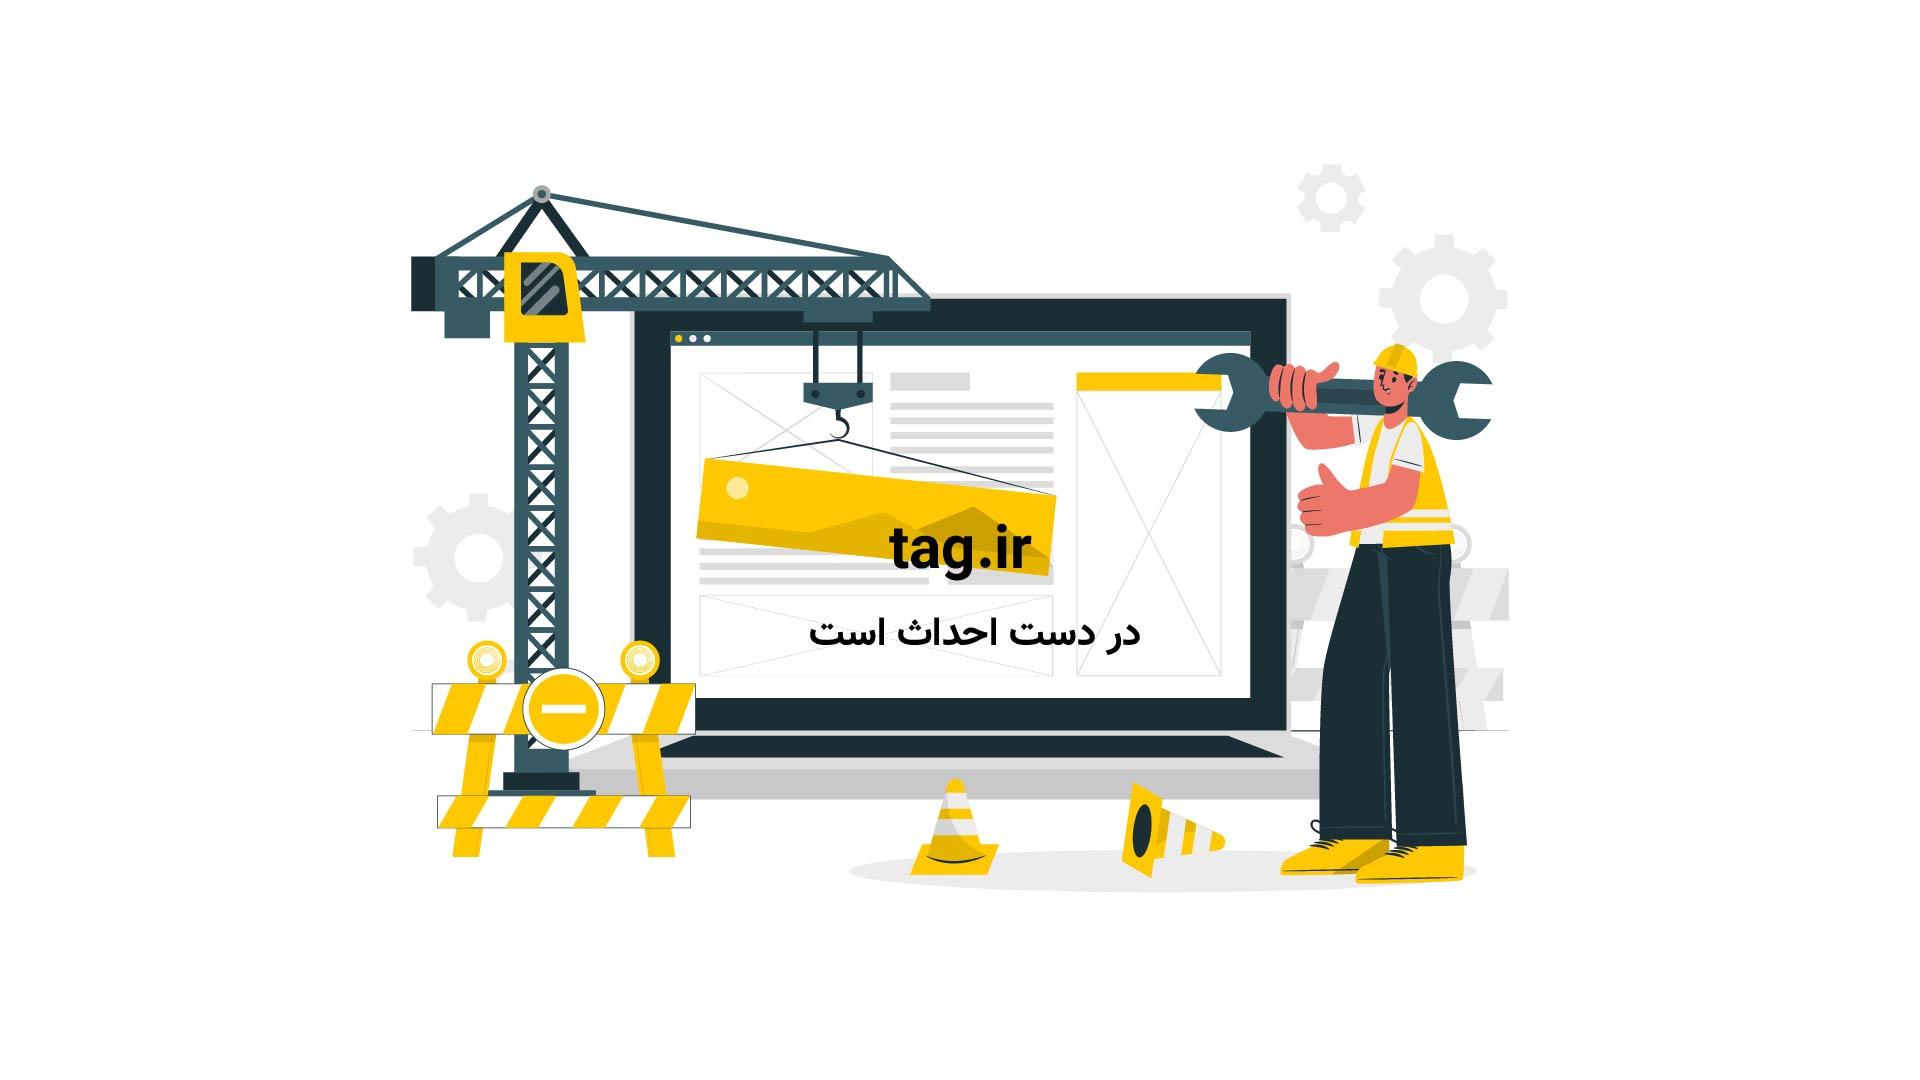 حمله با چاقو در روسیه| تگ